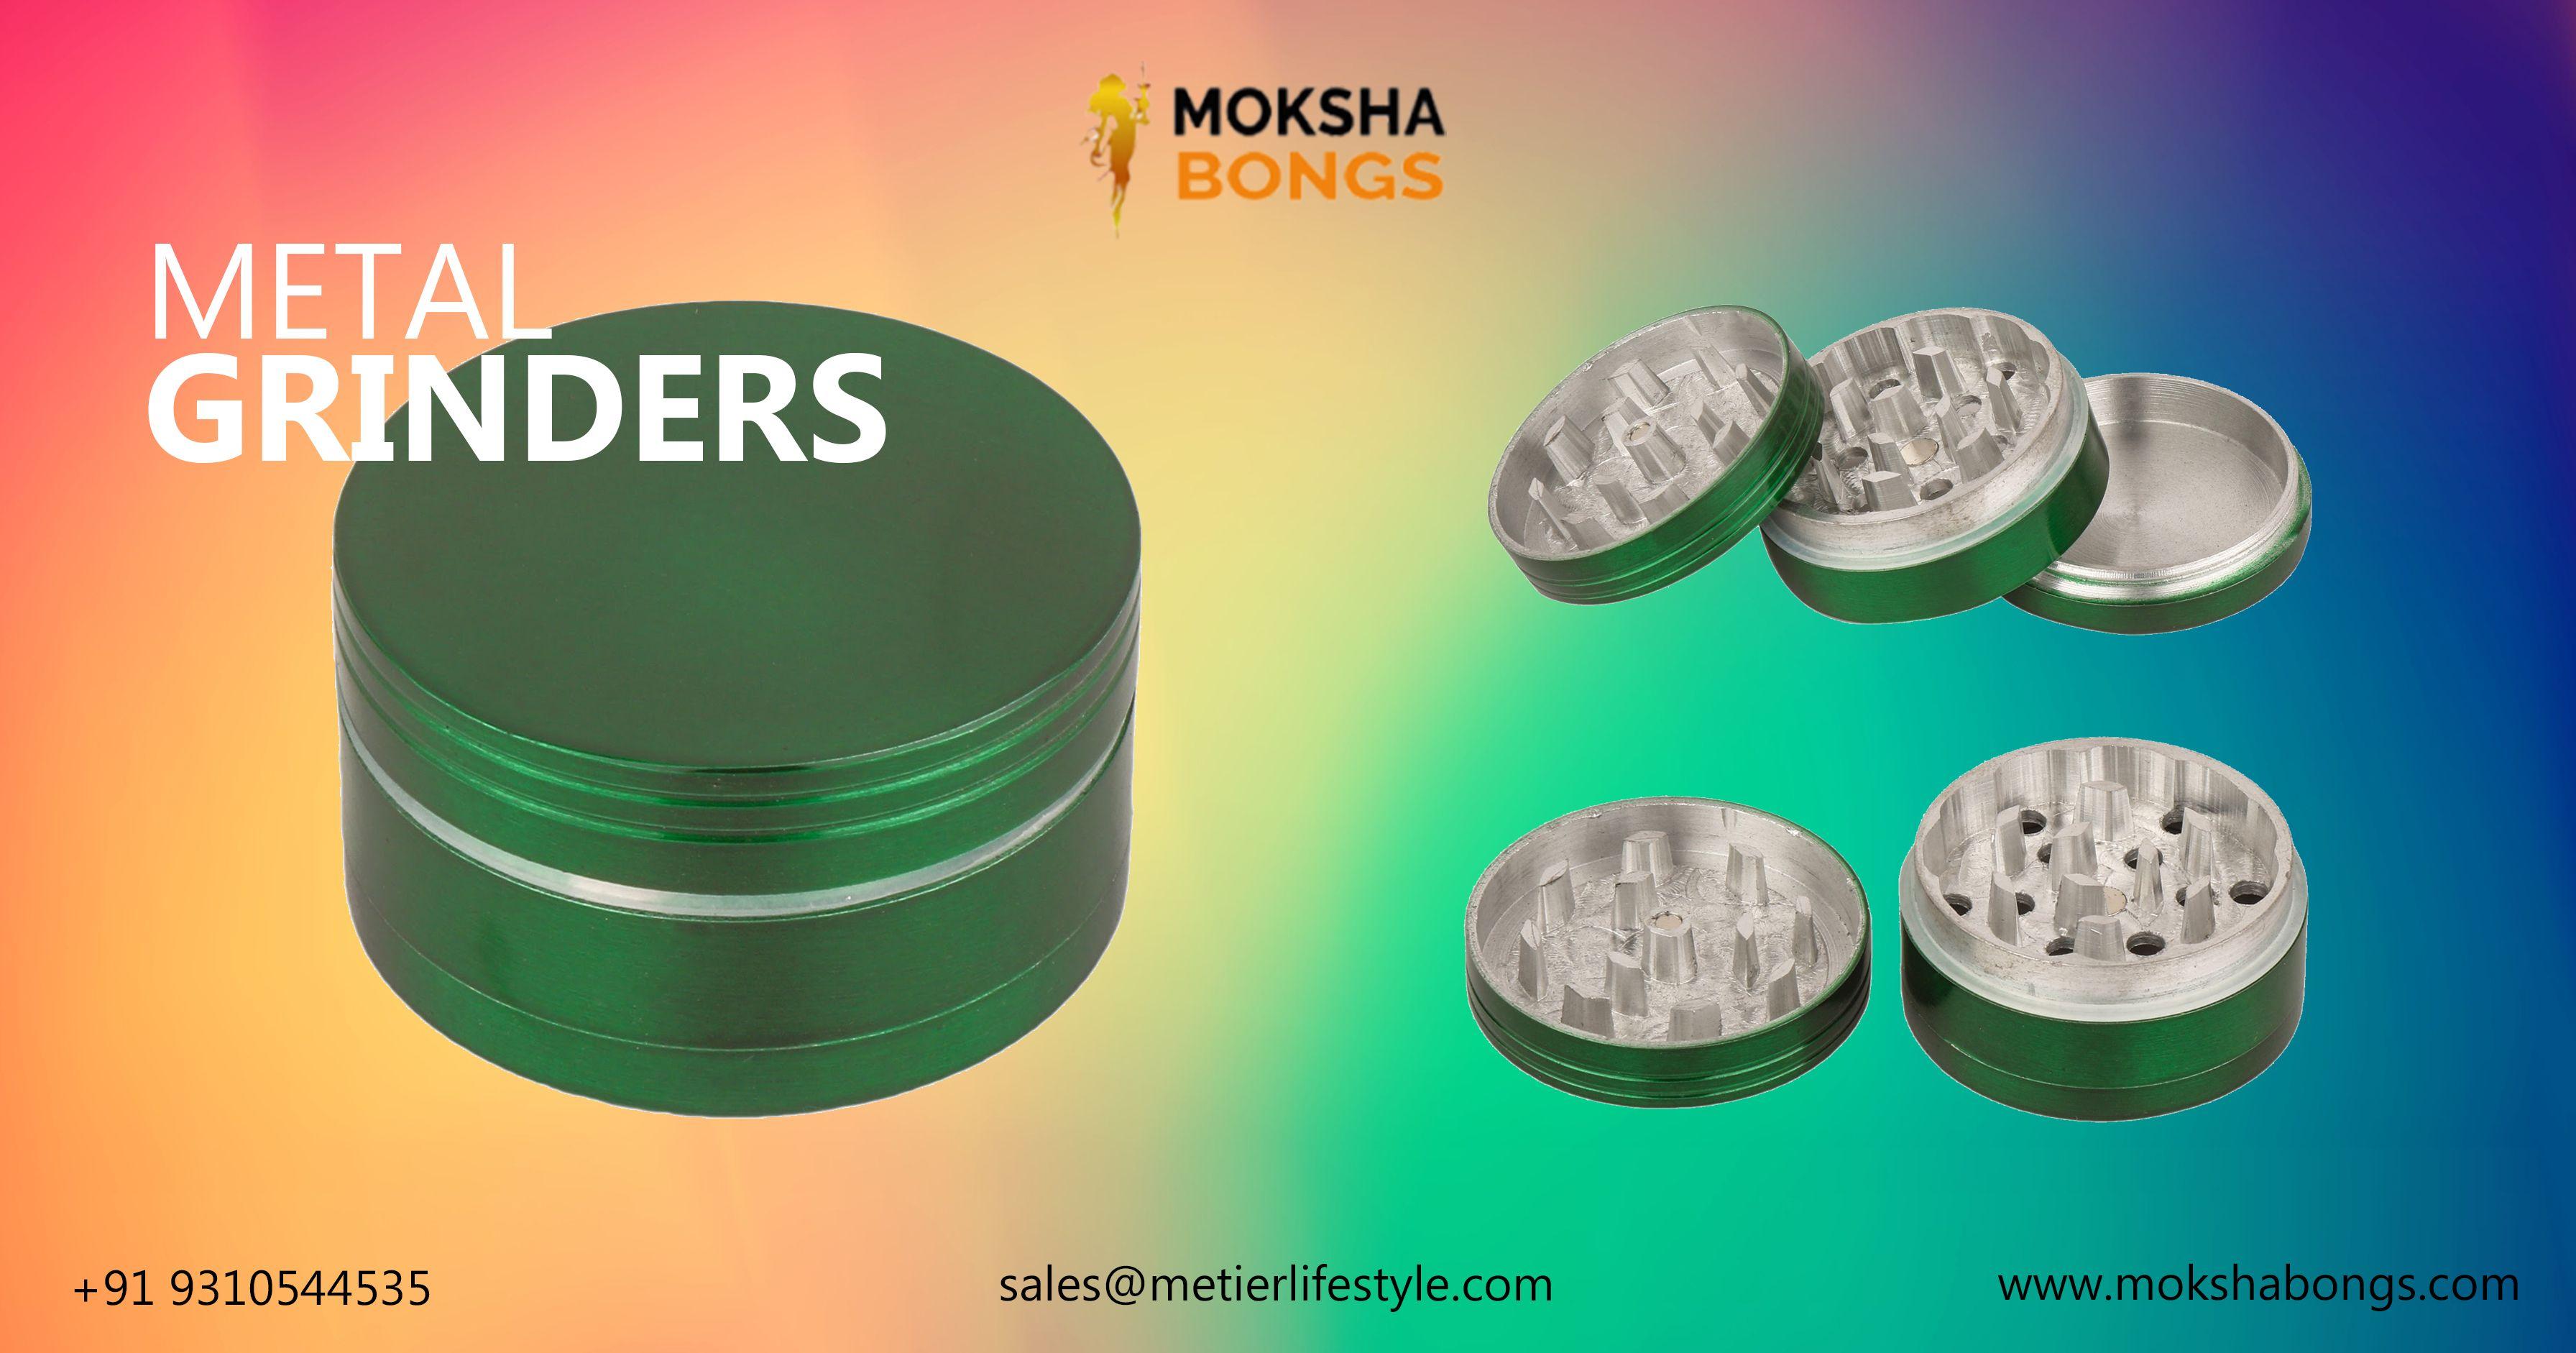 b11bd3d7ded Online buy herb weed grinder at best price in India - Mokshabongs ...